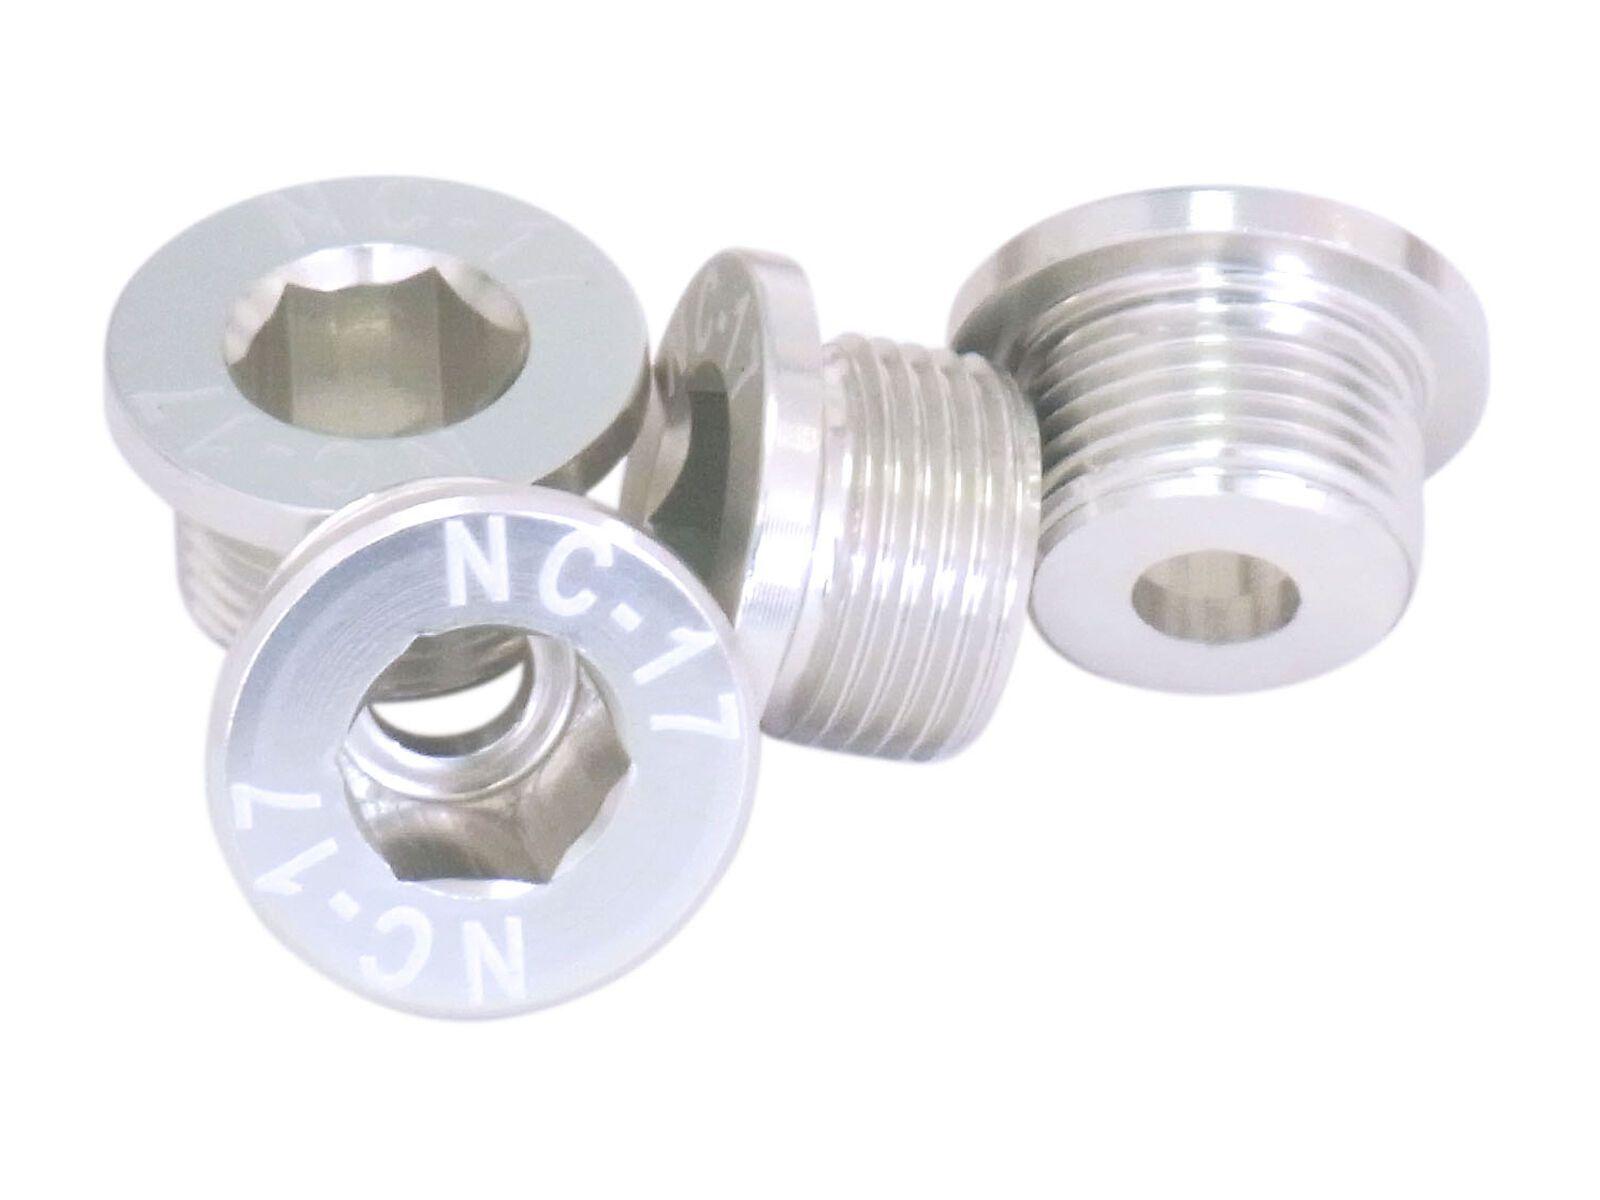 NC-17 M10 Kettenblattschraube für Sram 2-fach Kurbeln, silver 8090